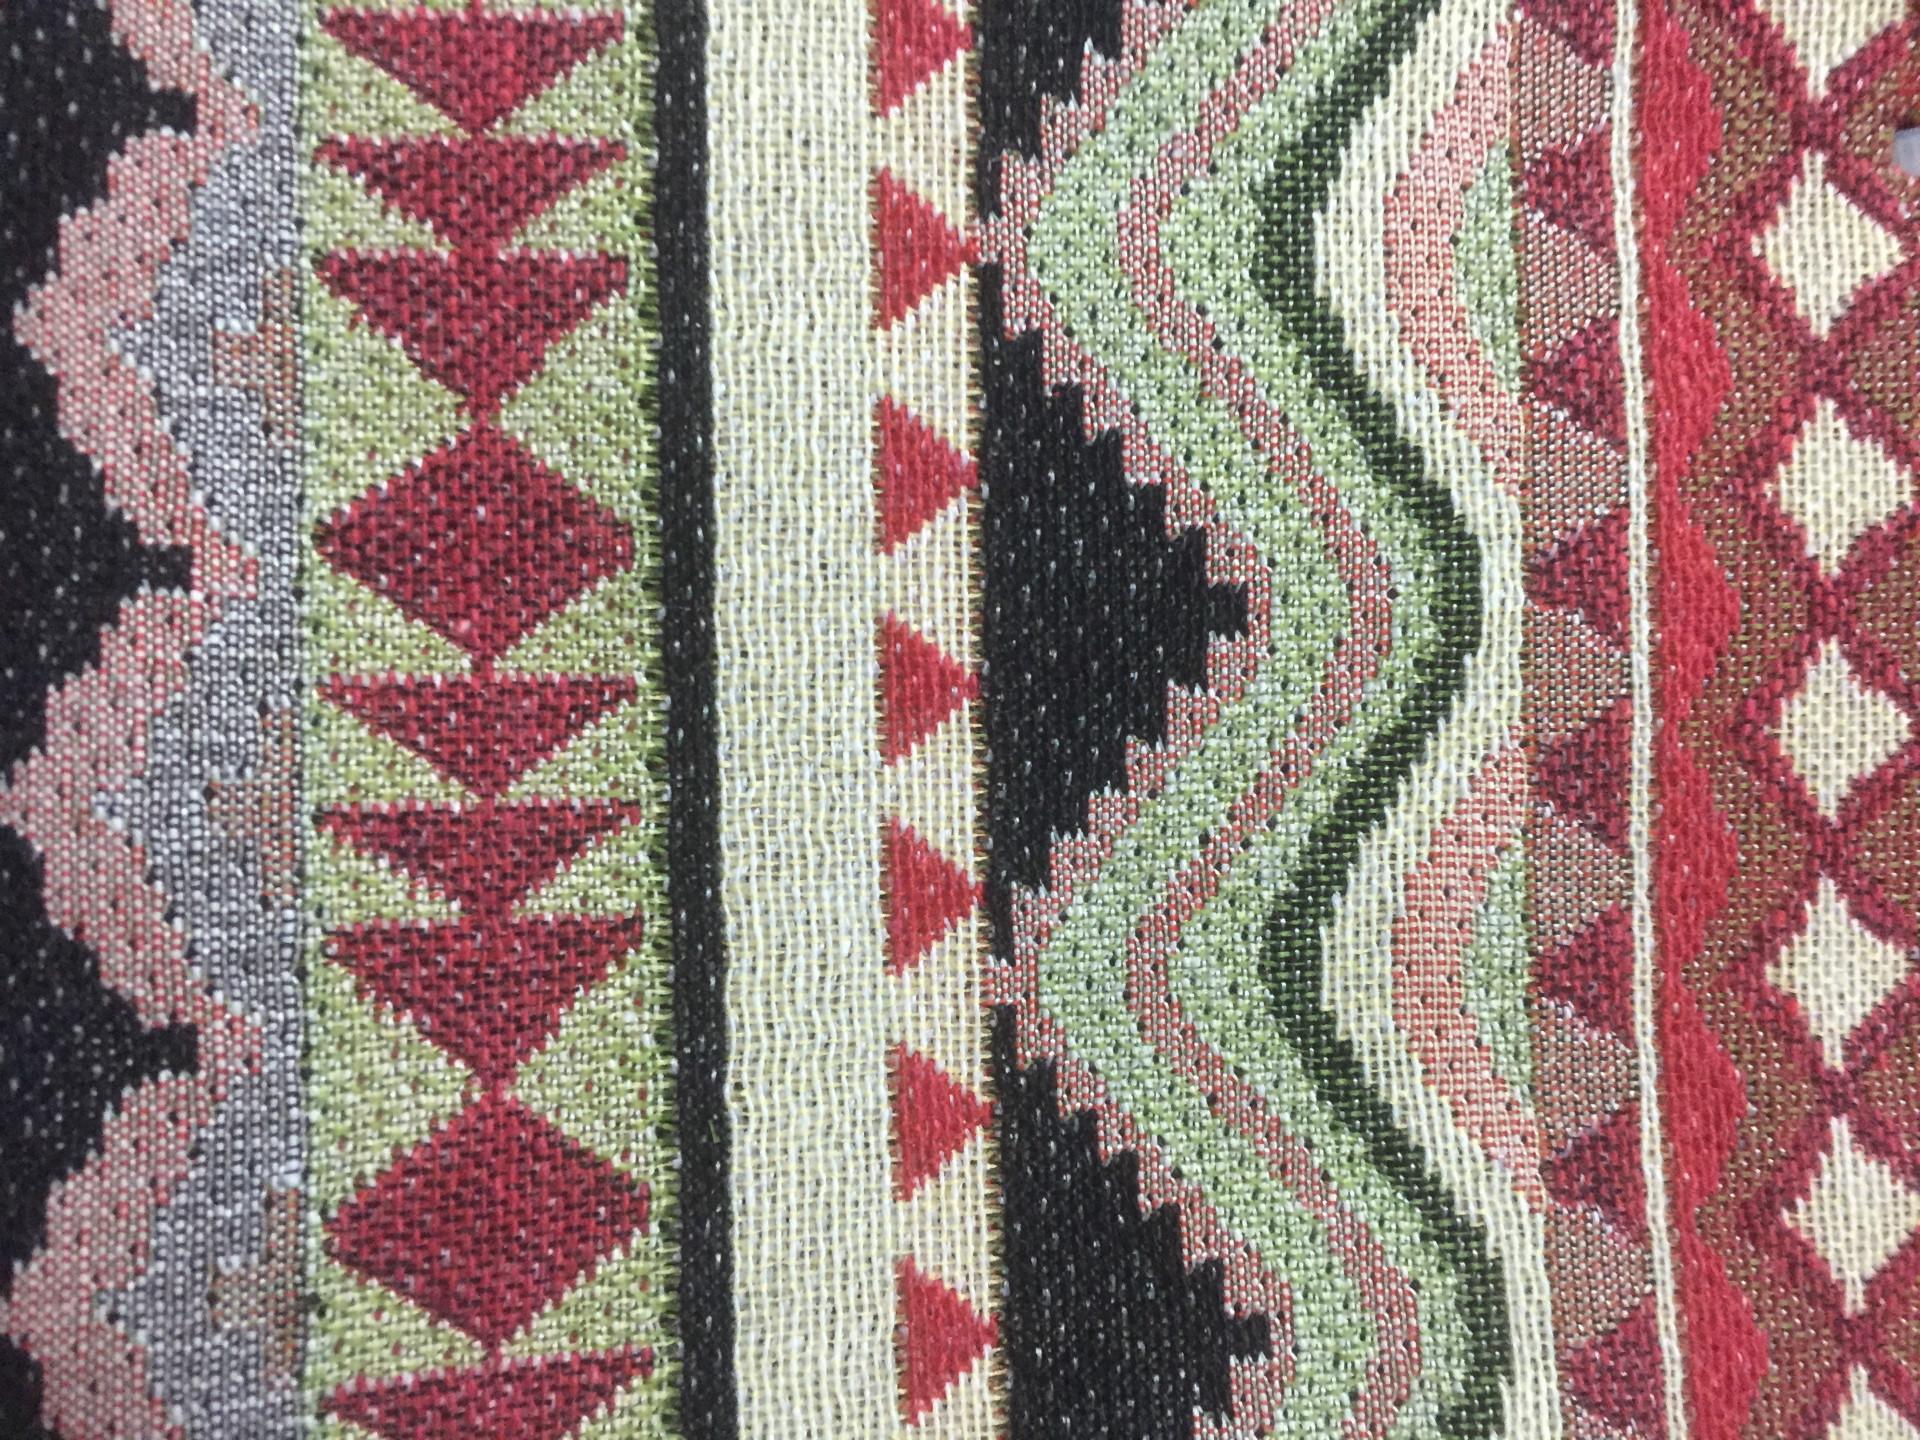 色织布在生产过程中可能发生的问题